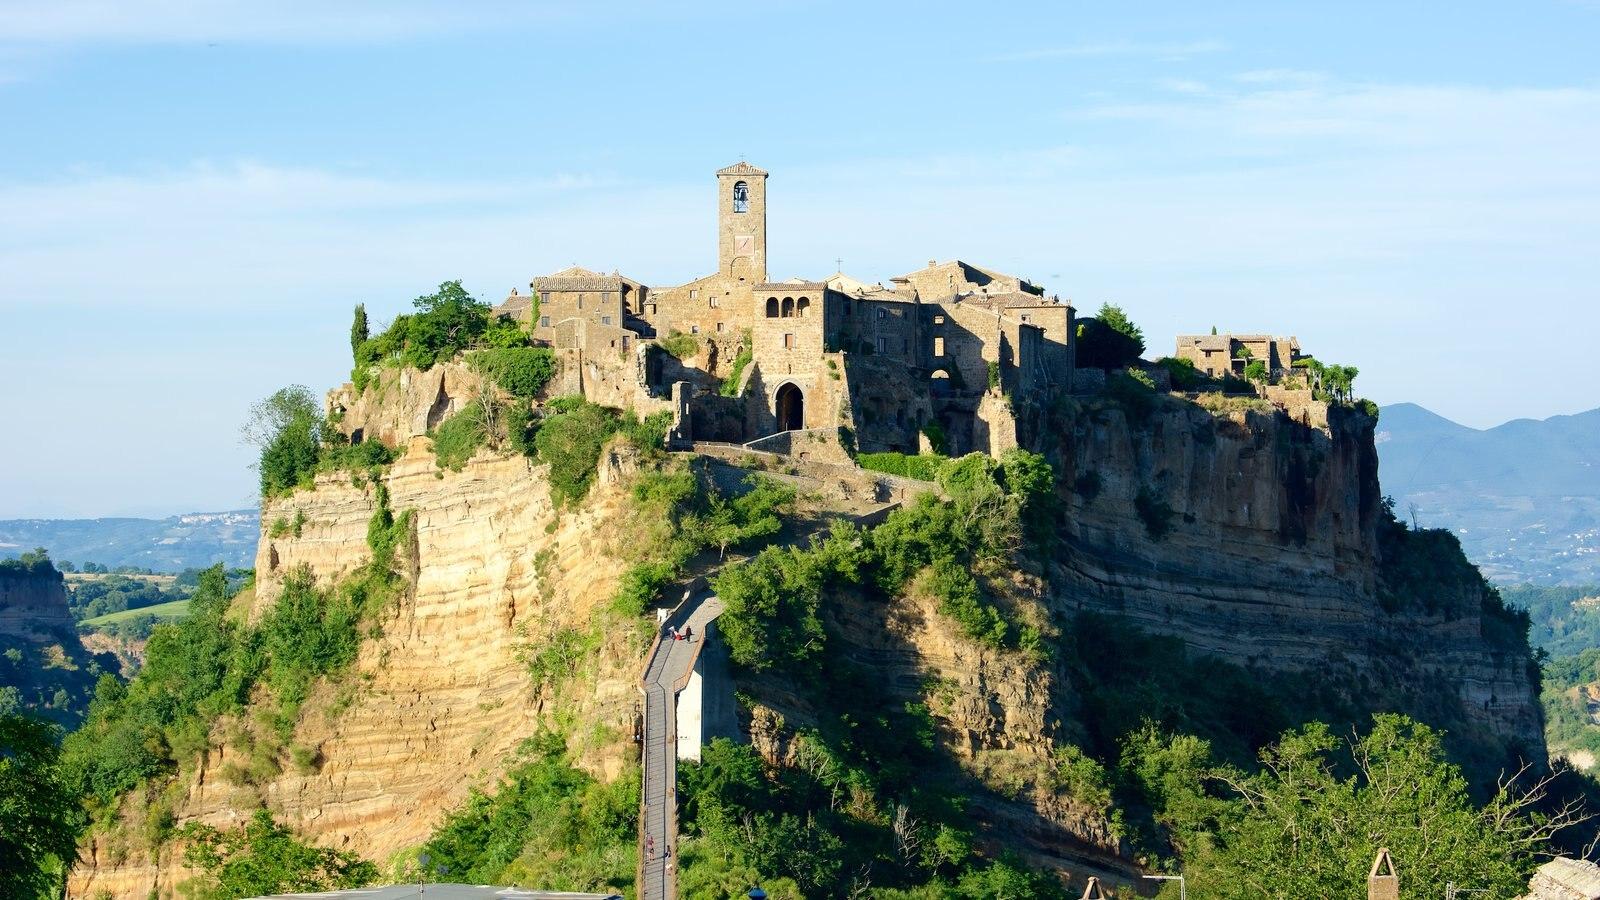 Bagnoregio mostrando um pequeno castelo ou palácio e arquitetura de patrimônio